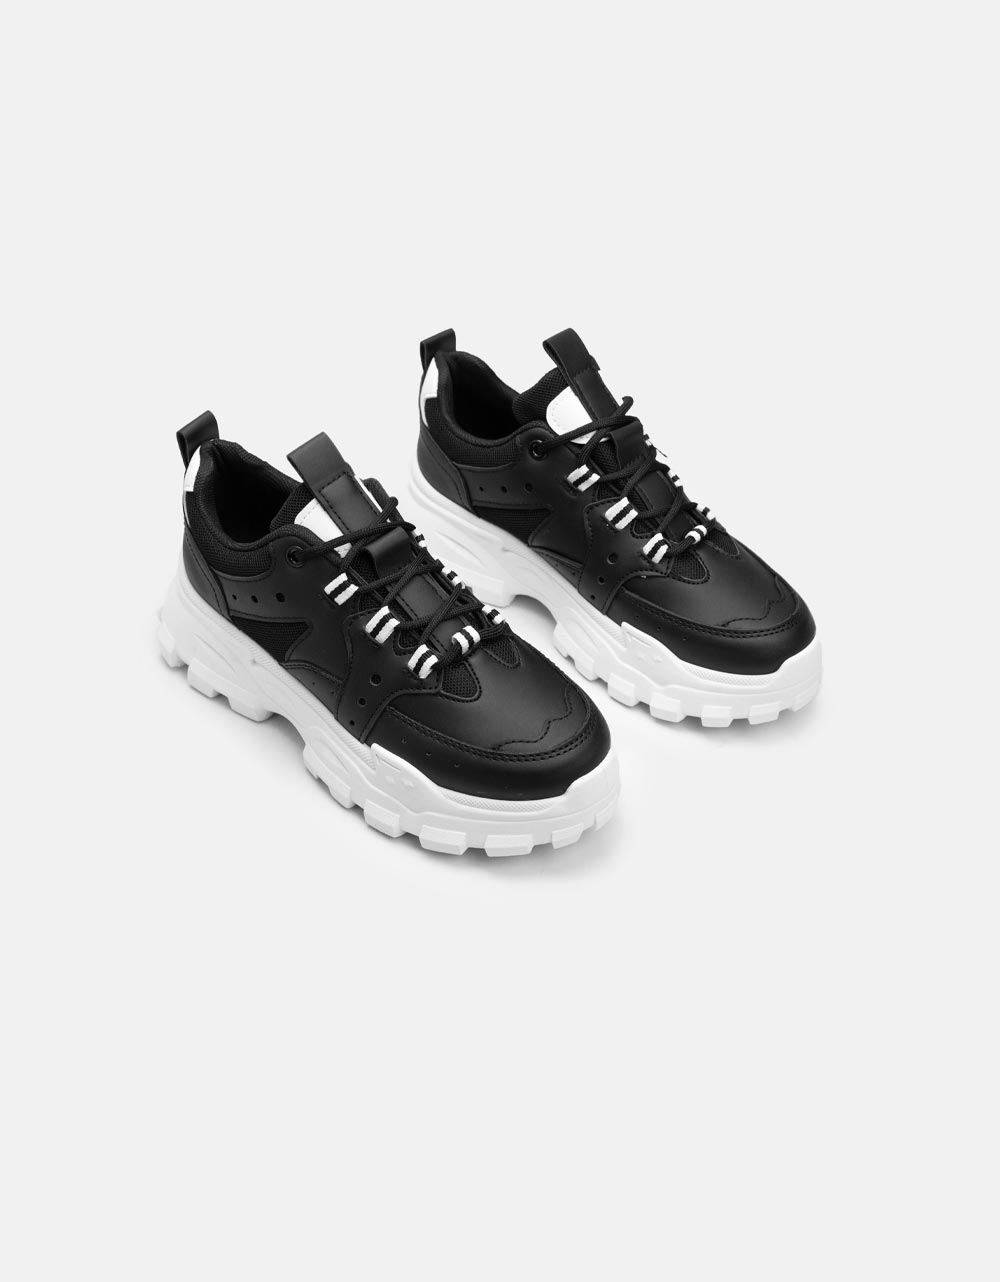 Εικόνα από Γυναικεία sneaker με τρακτερωτή σόλα Μαύρο/Λευκό